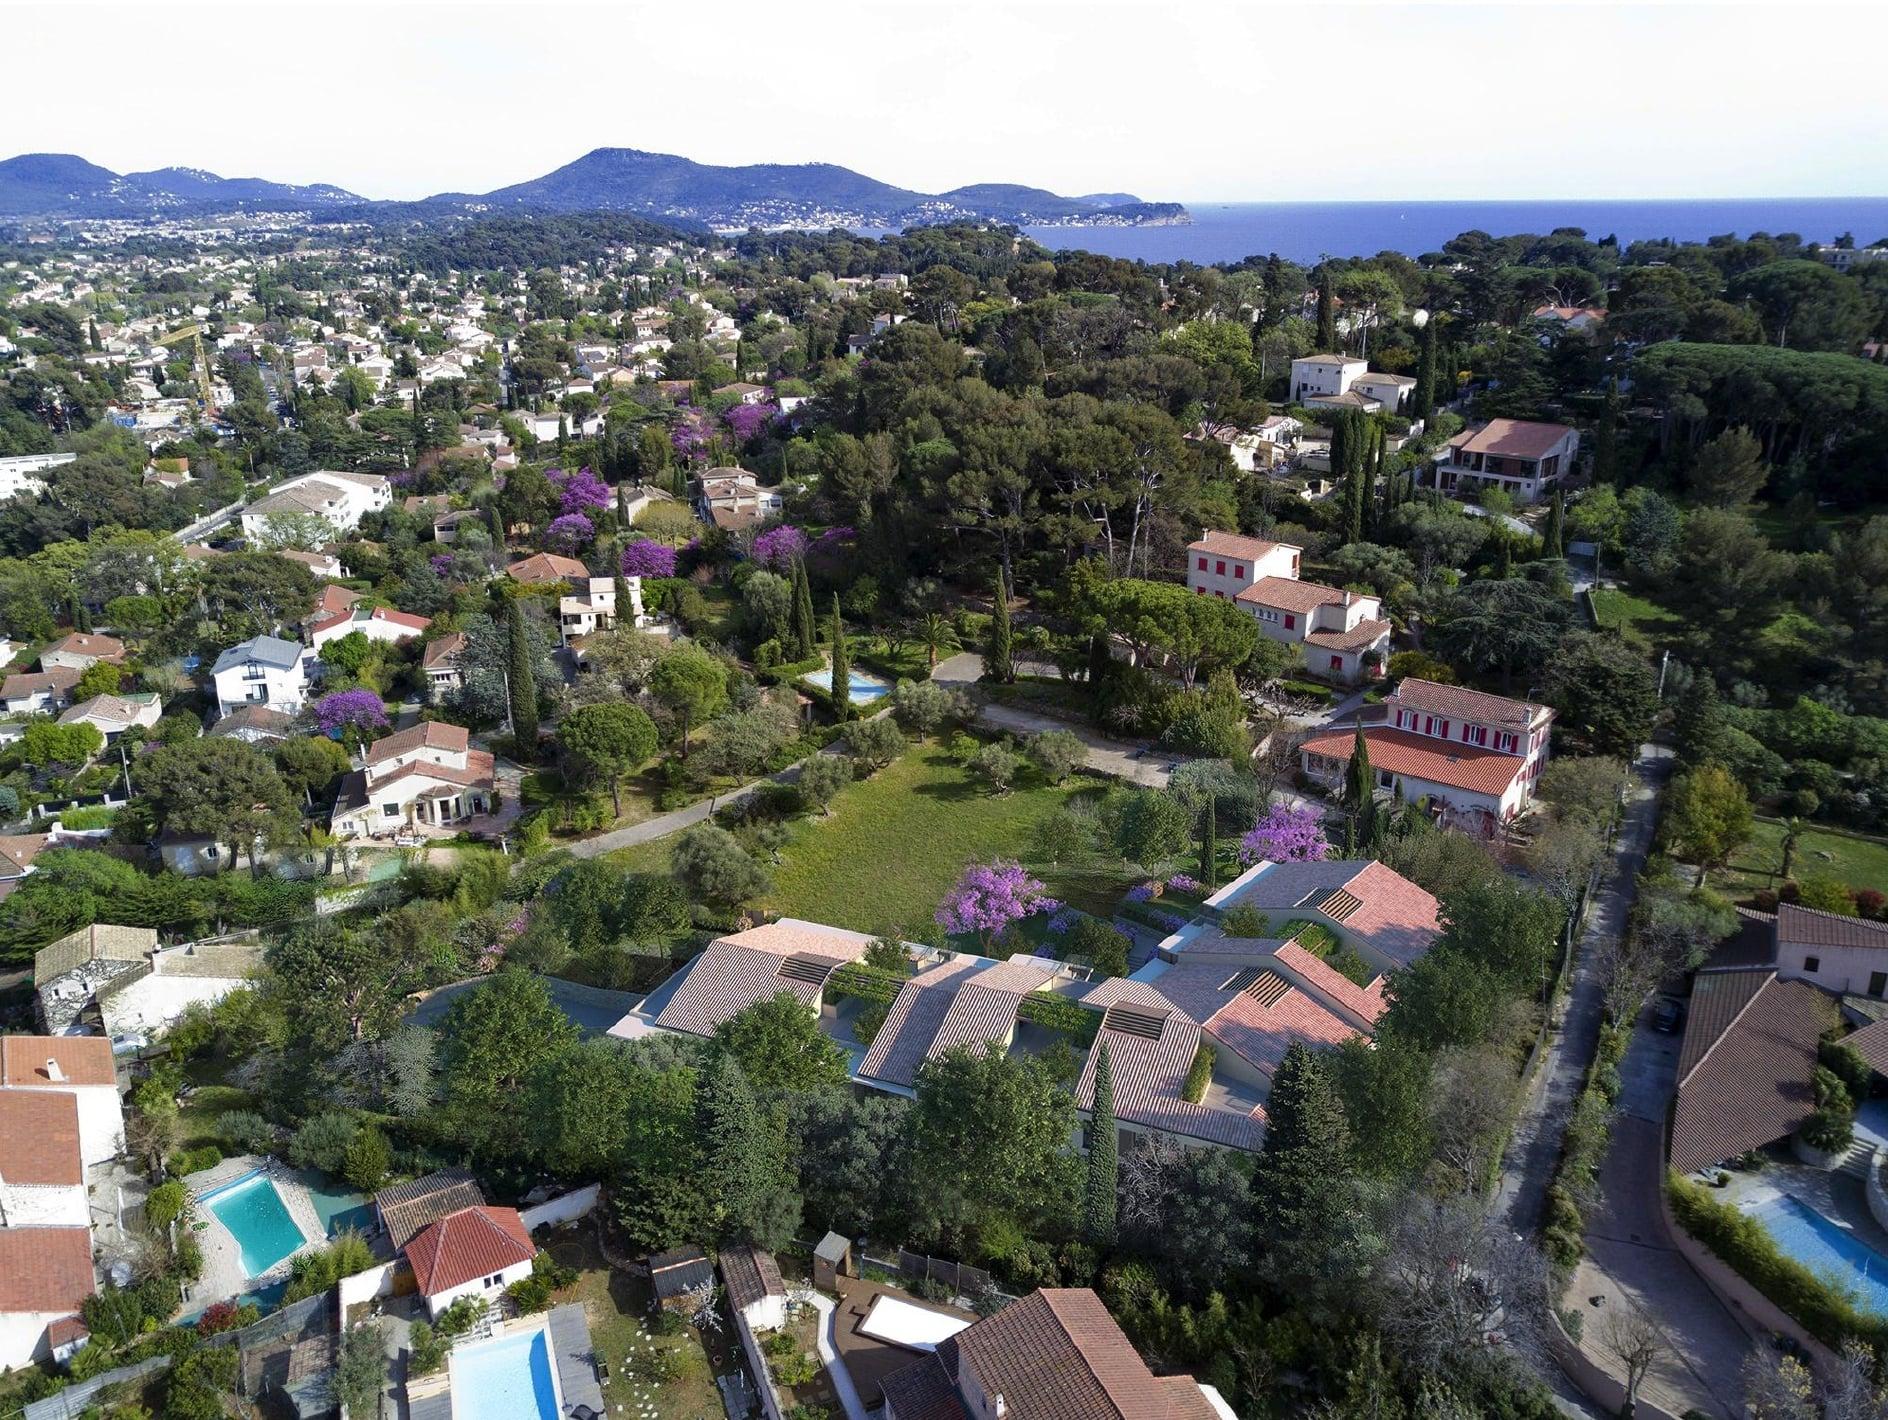 Programme immobilier ALT112 appartement à Toulon (83000) Au cœur du dynamisme varois